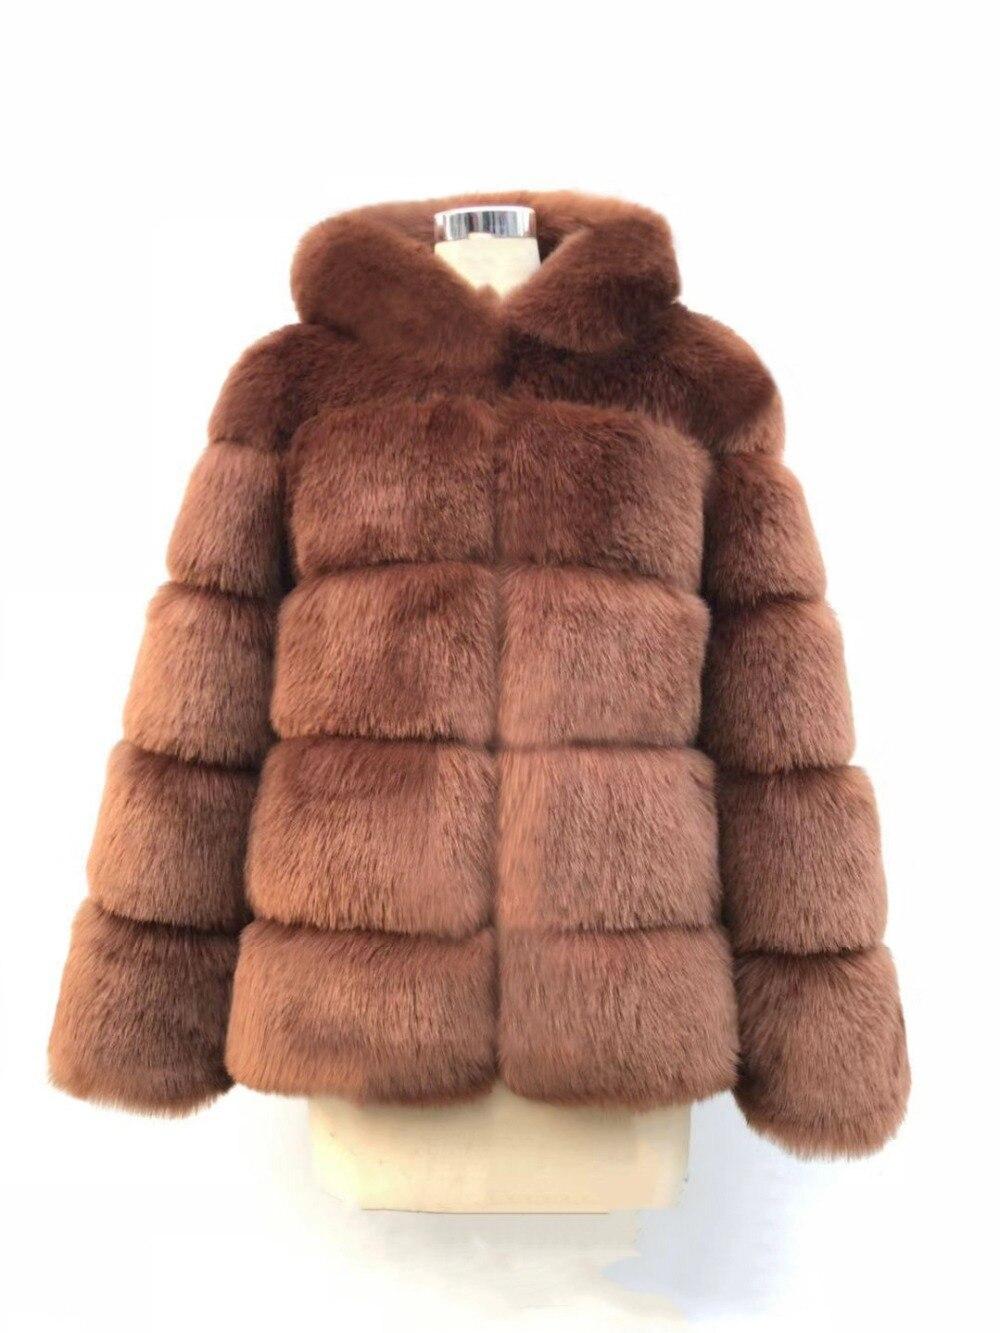 Hiver chaud fausse fourrure usine Faux renard fourrure manteau femmes moelleux fourrure artificielle à capuche manteaux pardessus - 5